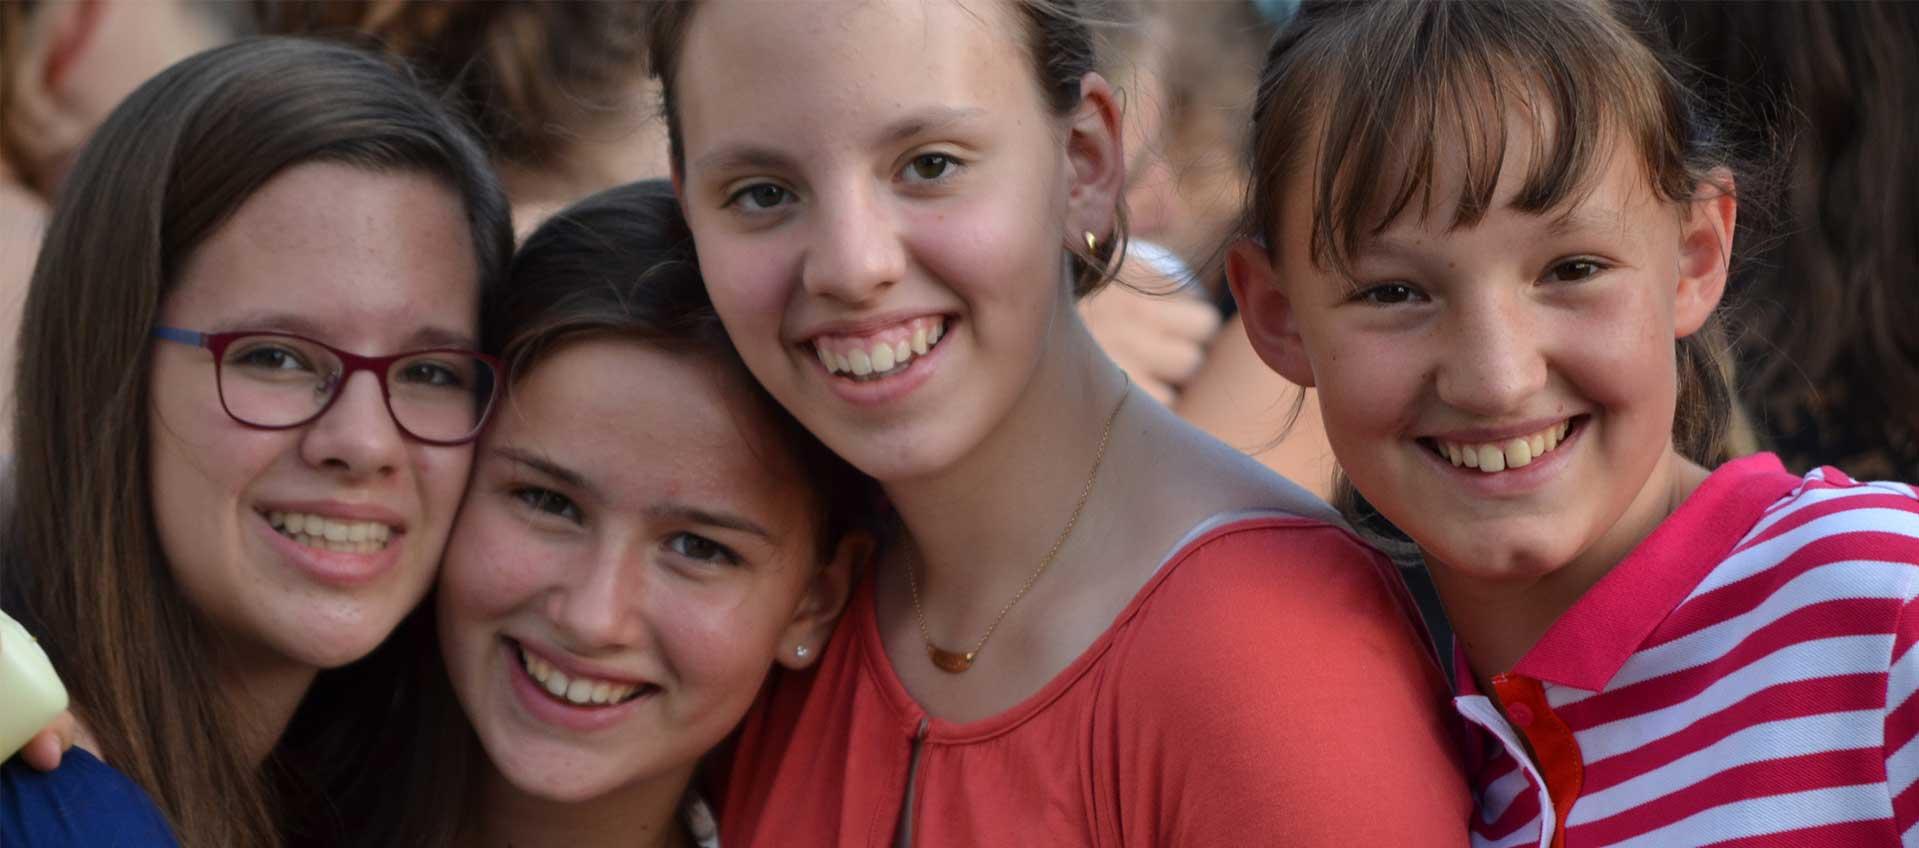 Schönstattbewegung Mädchen/Junge Frauen Österreich